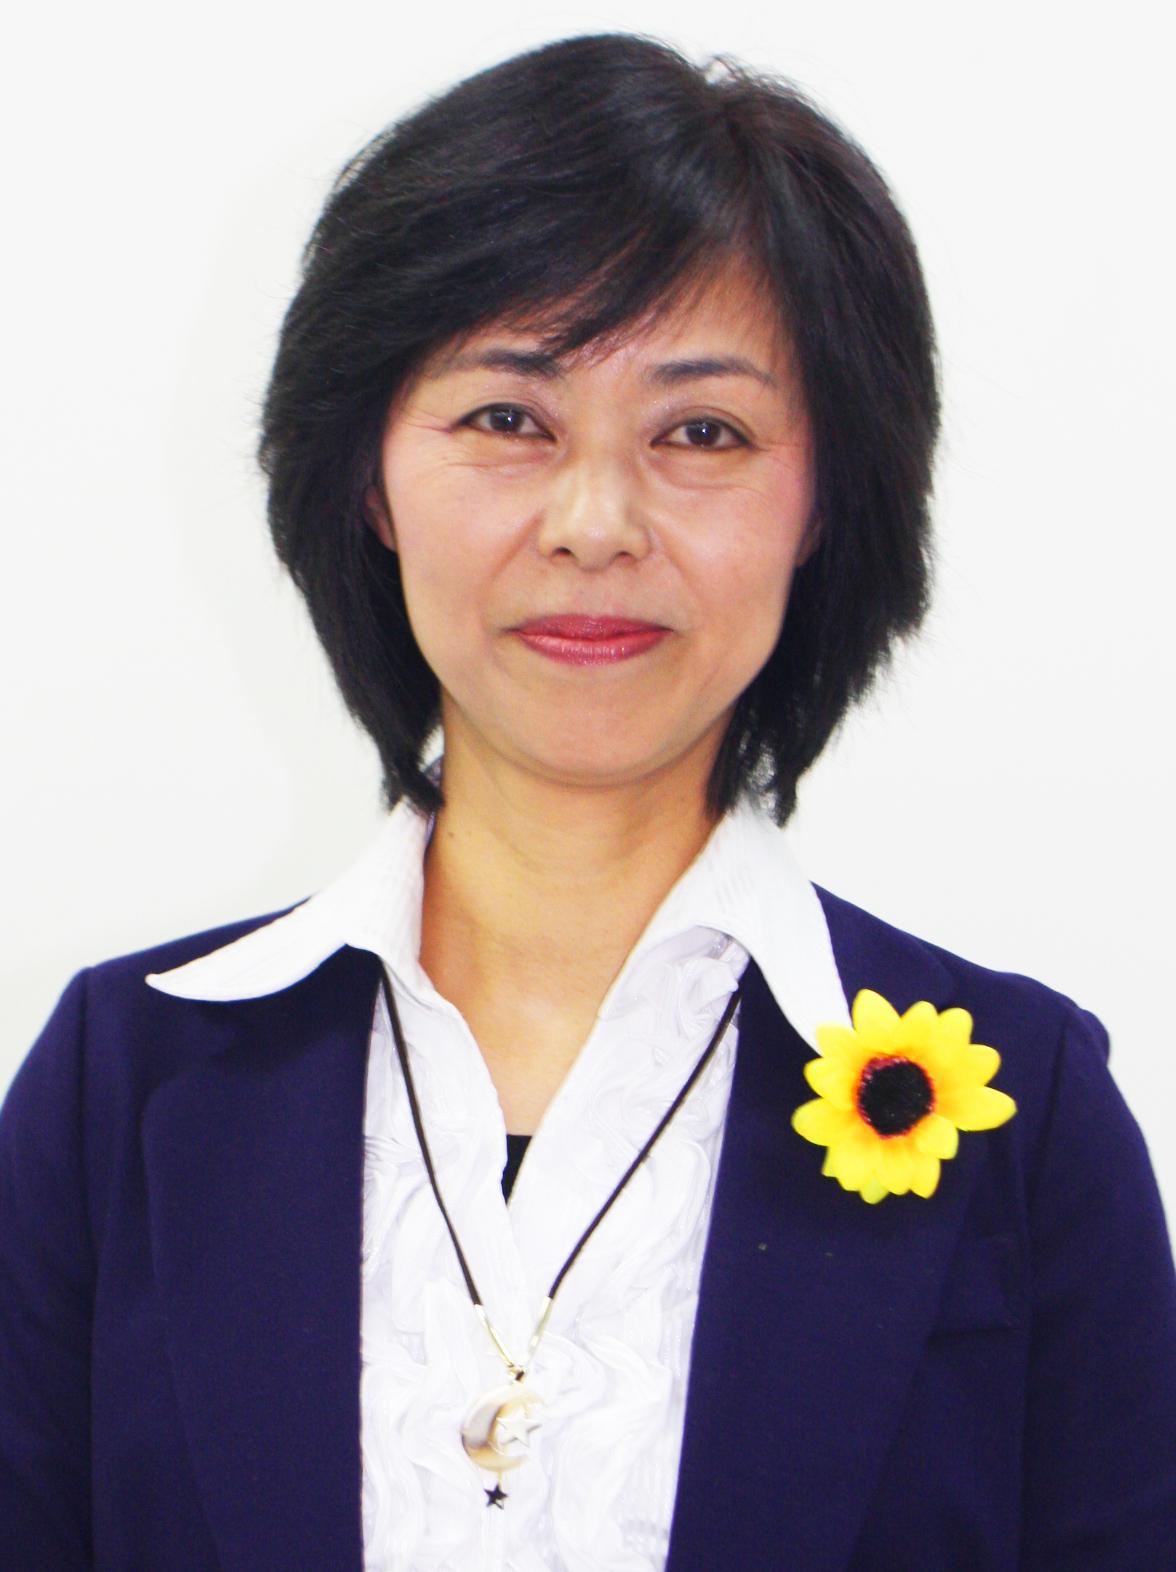 市長選(武原由里子さん)